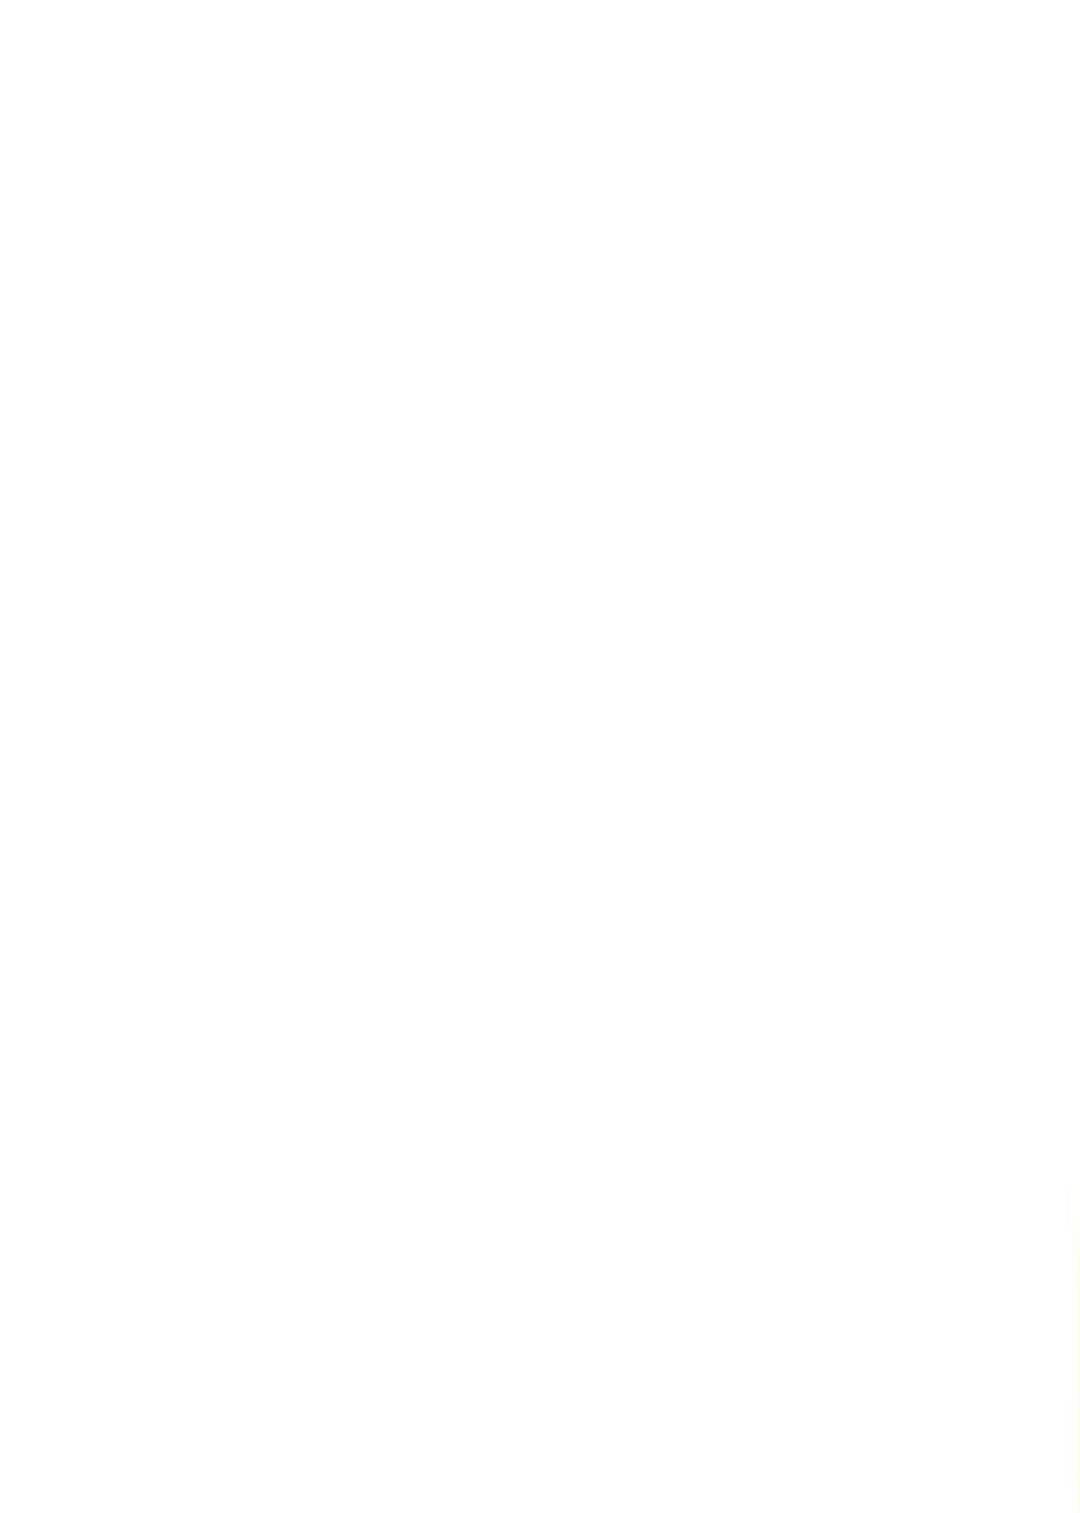 【エロ同人誌】一緒に暮らすマスターに足の臭いが気になられるマシュ…タイツ越しに、直接にマシュの足を嗅いで舐め回して変な感情に浸ってしまう!【冬夜:マシュの足がこんなに臭いわけがない】